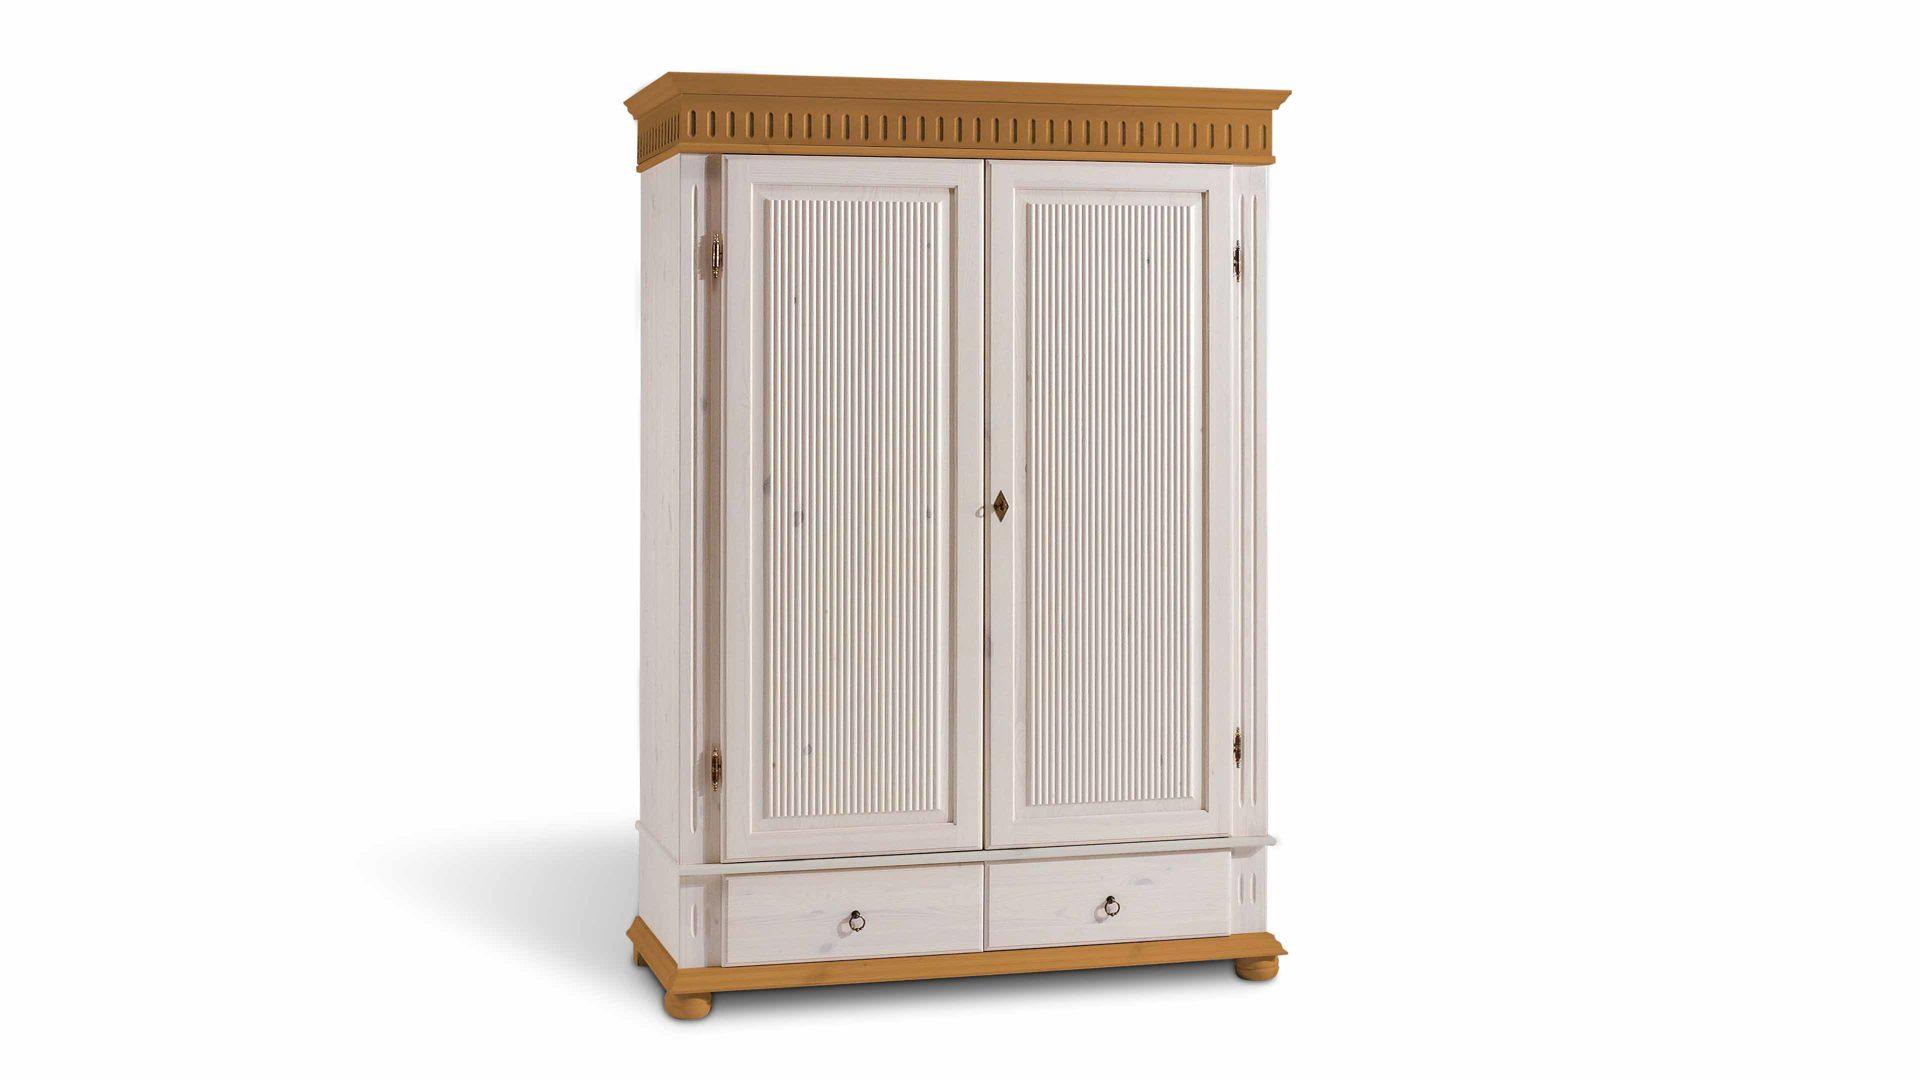 Schlafzimmer modern weiß holz  Kleiderschrank für modern eingerichtete Schlafzimmer, weiß ...